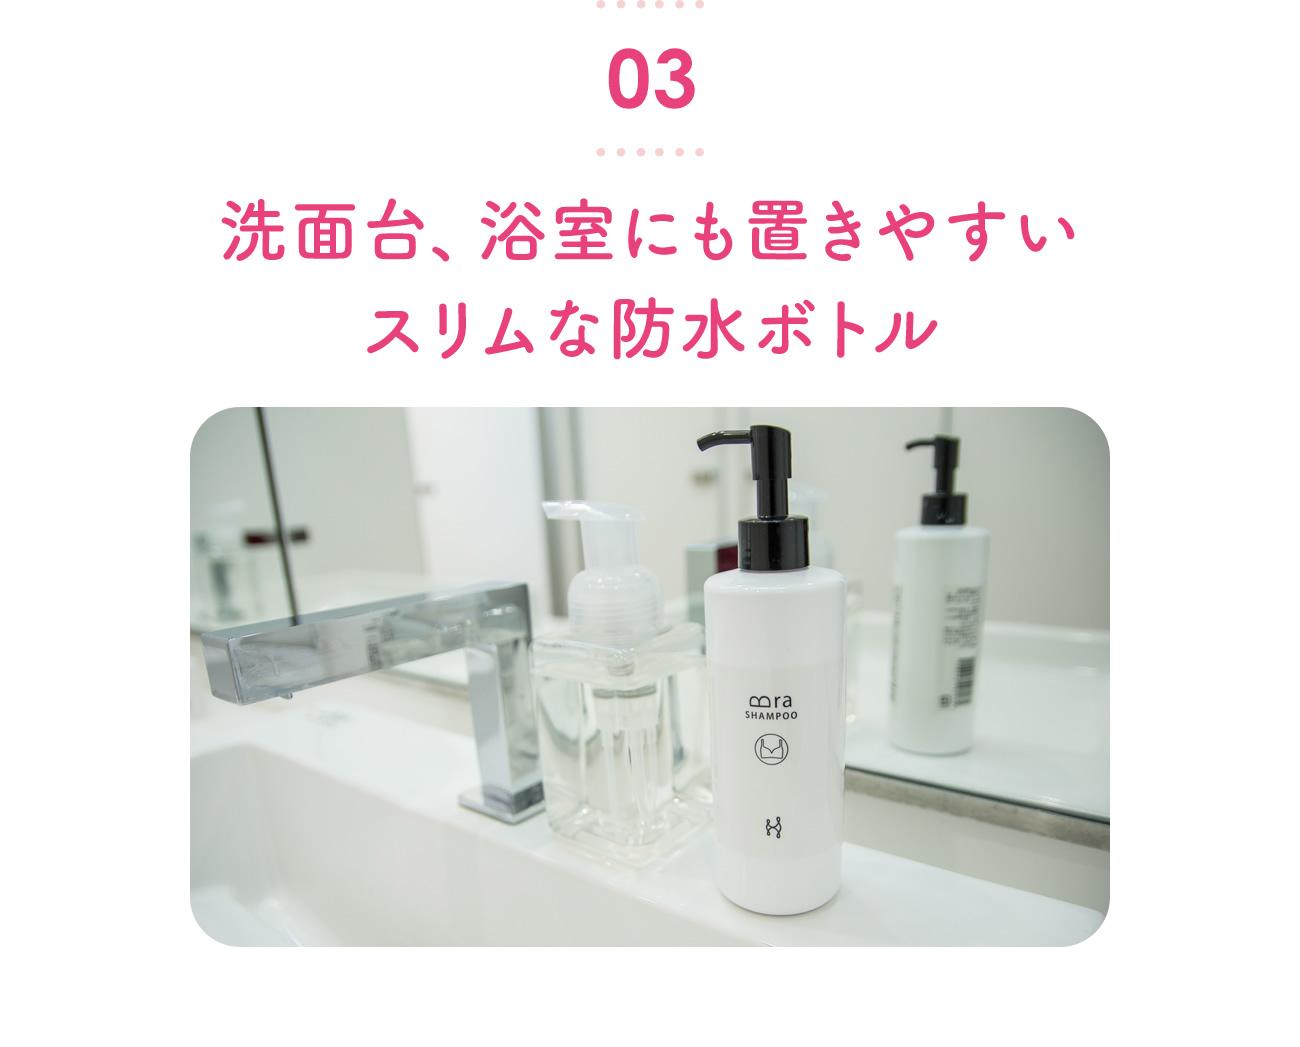 03 洗面台、浴室にも置きやすいスリムな防水ボトル